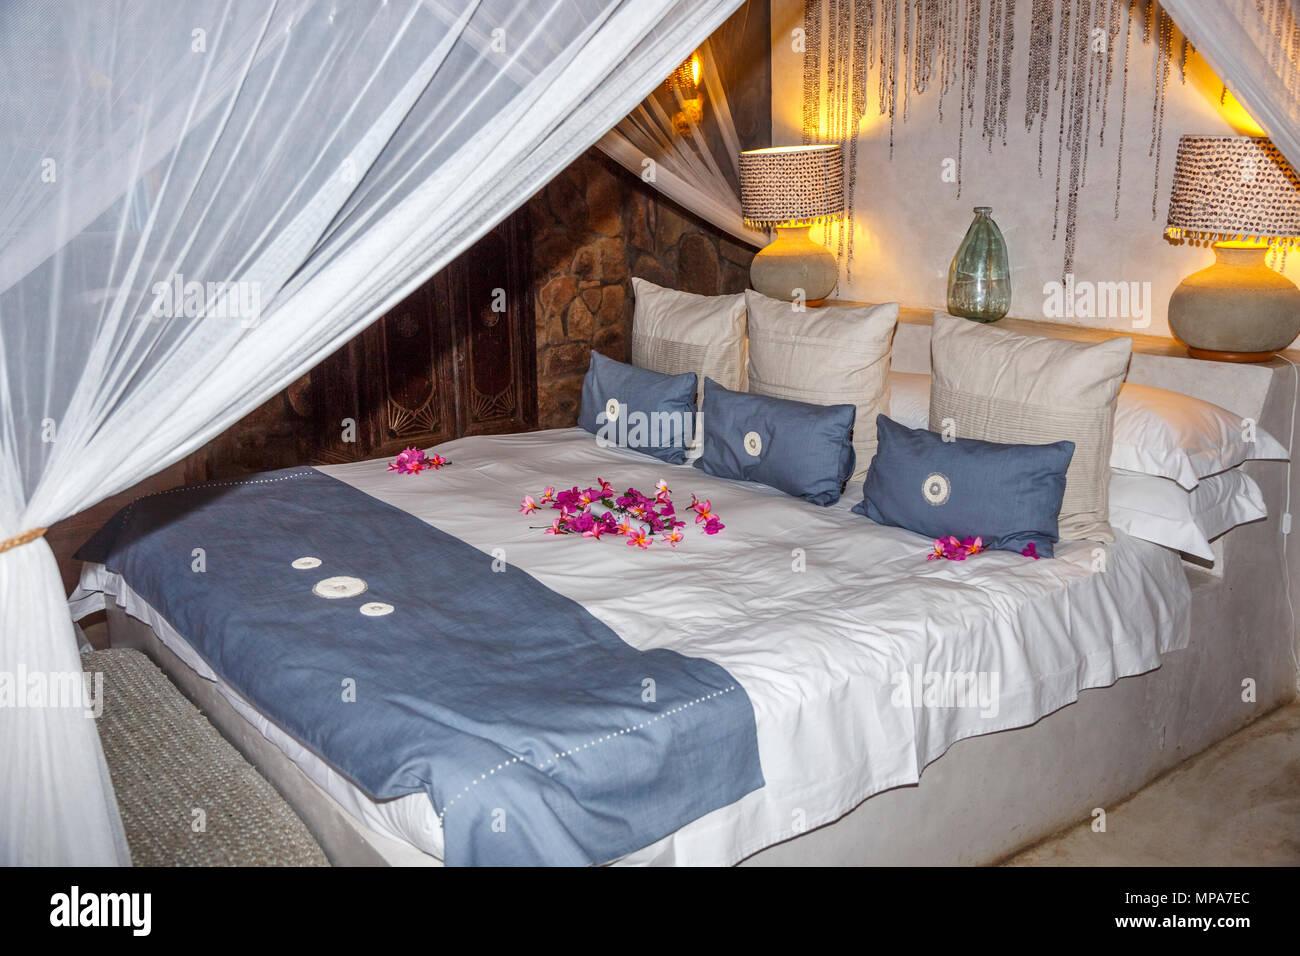 Zanzariera Letto Matrimoniale : Grande letto king size lussuoso letto matrimoniale dietro le